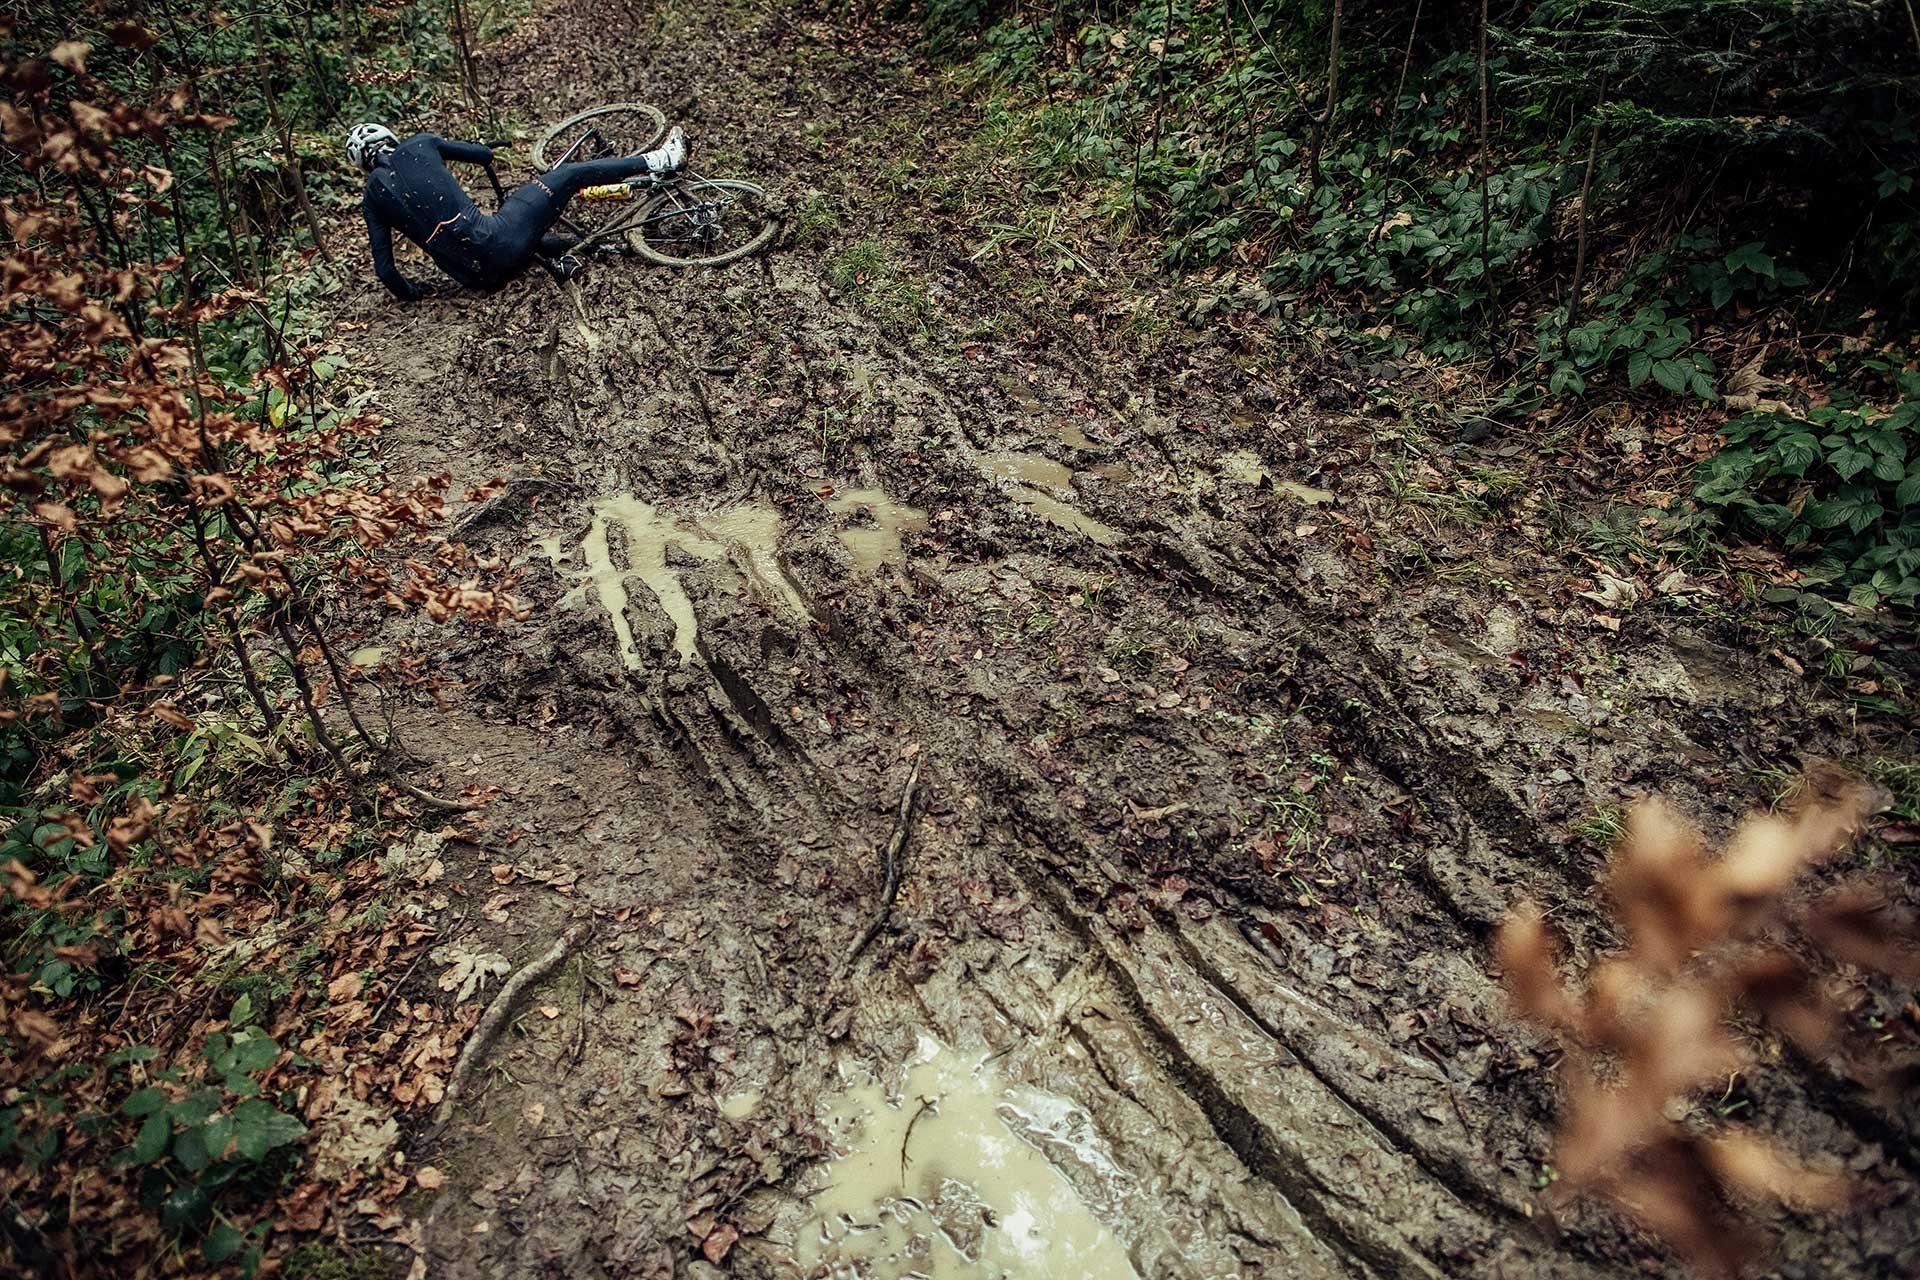 fotograf sport crossbike sturz schlamm wald deutschland frankfuert fotoshooting